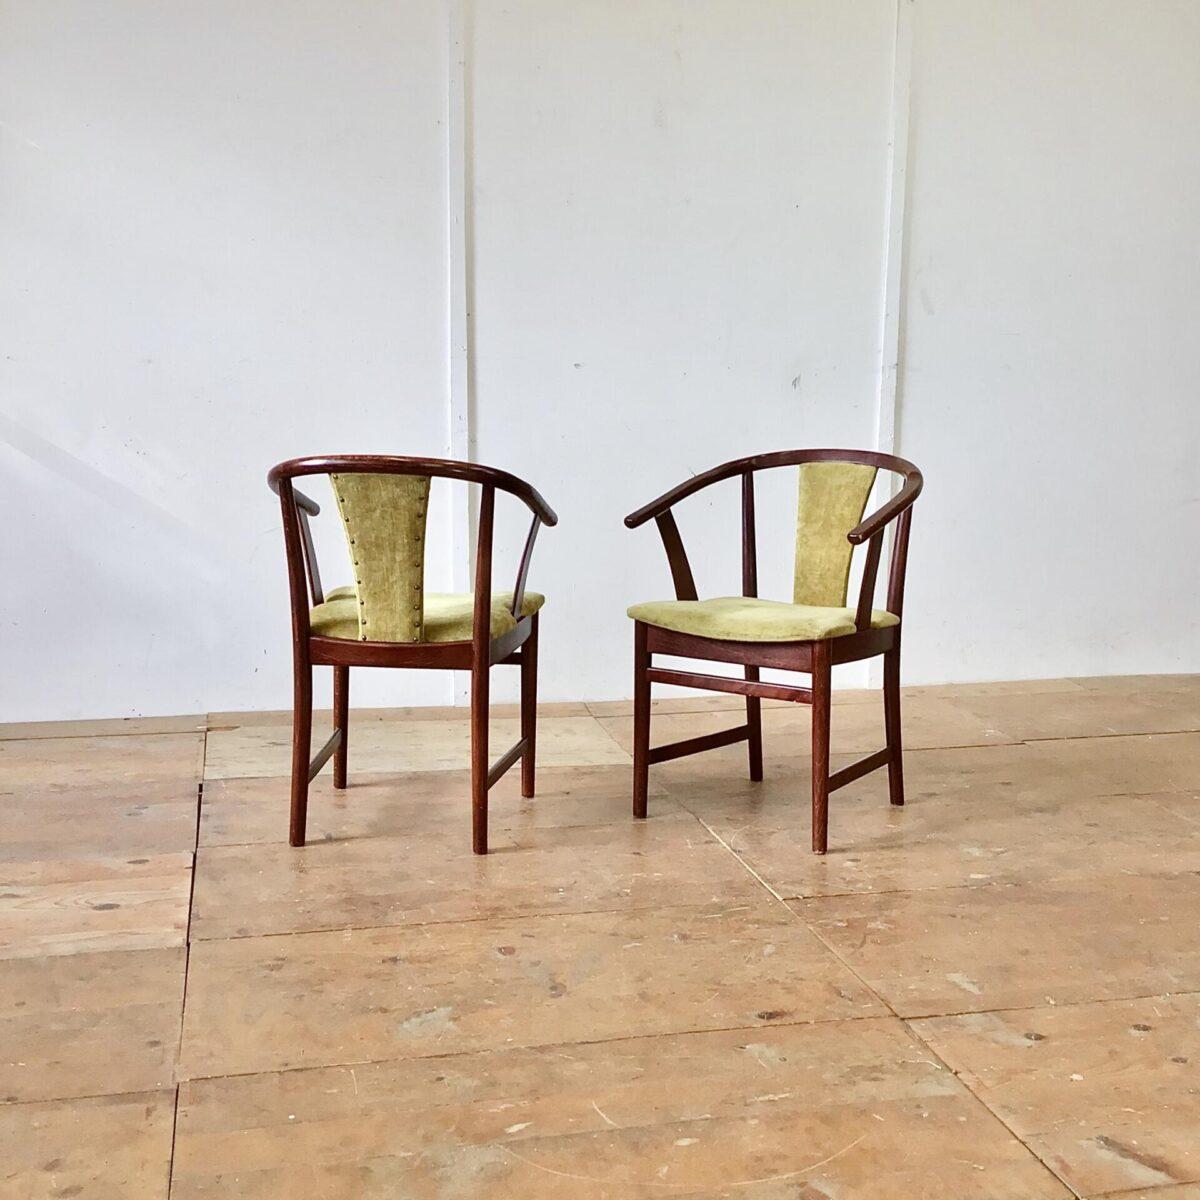 Deuxieme.shop midcentury stühle vintage Stühle Easy chairs Zwei Esszimmer Stühle mit Armlehnen. Grün-gelber Samt artiger Stoff mit Polsternägel beim Rücken.